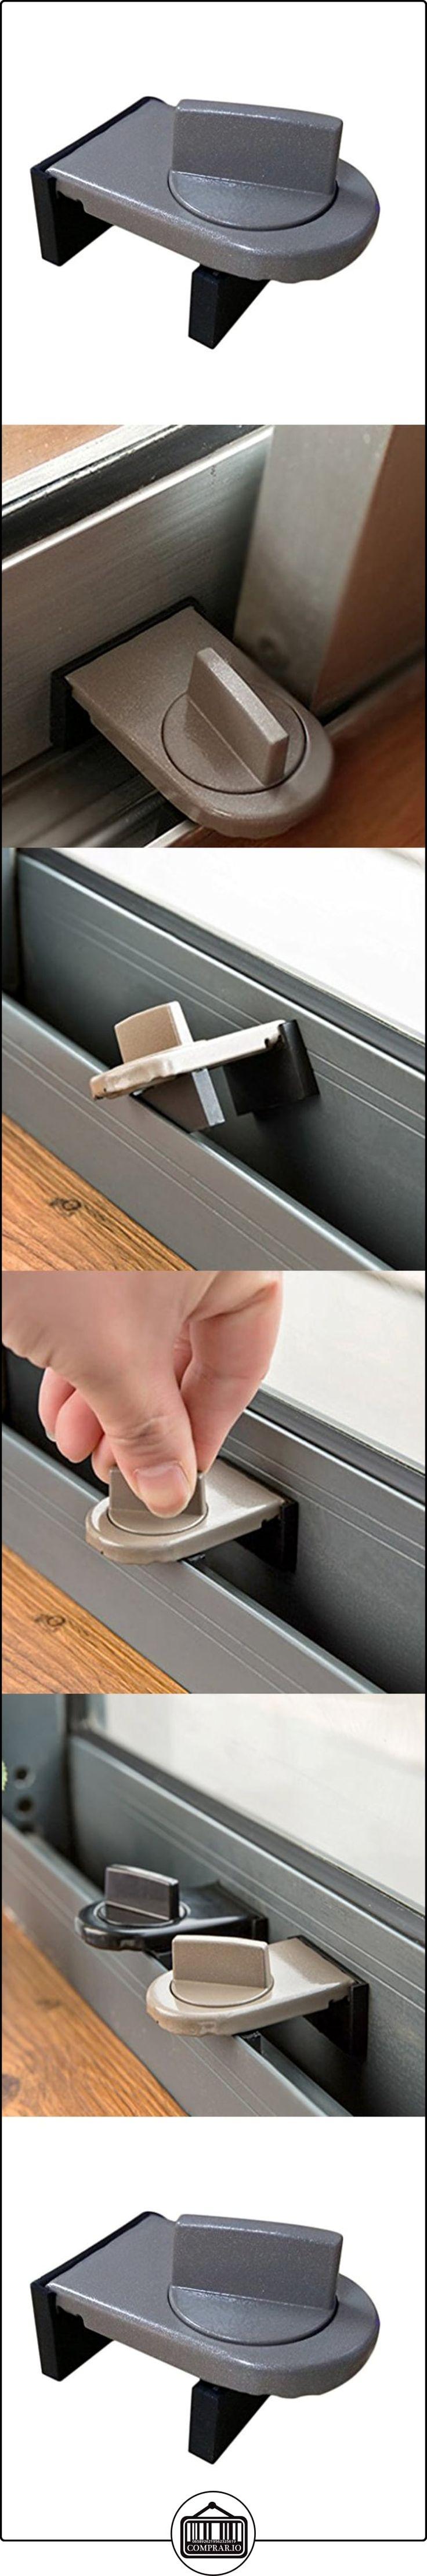 LUFA 2pcs Cerraduras para ventanas deslizantes Cerraduras de seguridad para niños Cerraduras para ventanas para ventanas Cerraduras para gabinetes de puertas(Color aleatorio) ✿ Seguridad para tu bebé - (Protege a tus hijos) ✿ ▬► Ver oferta: http://comprar.io/goto/B06X9PLN3G